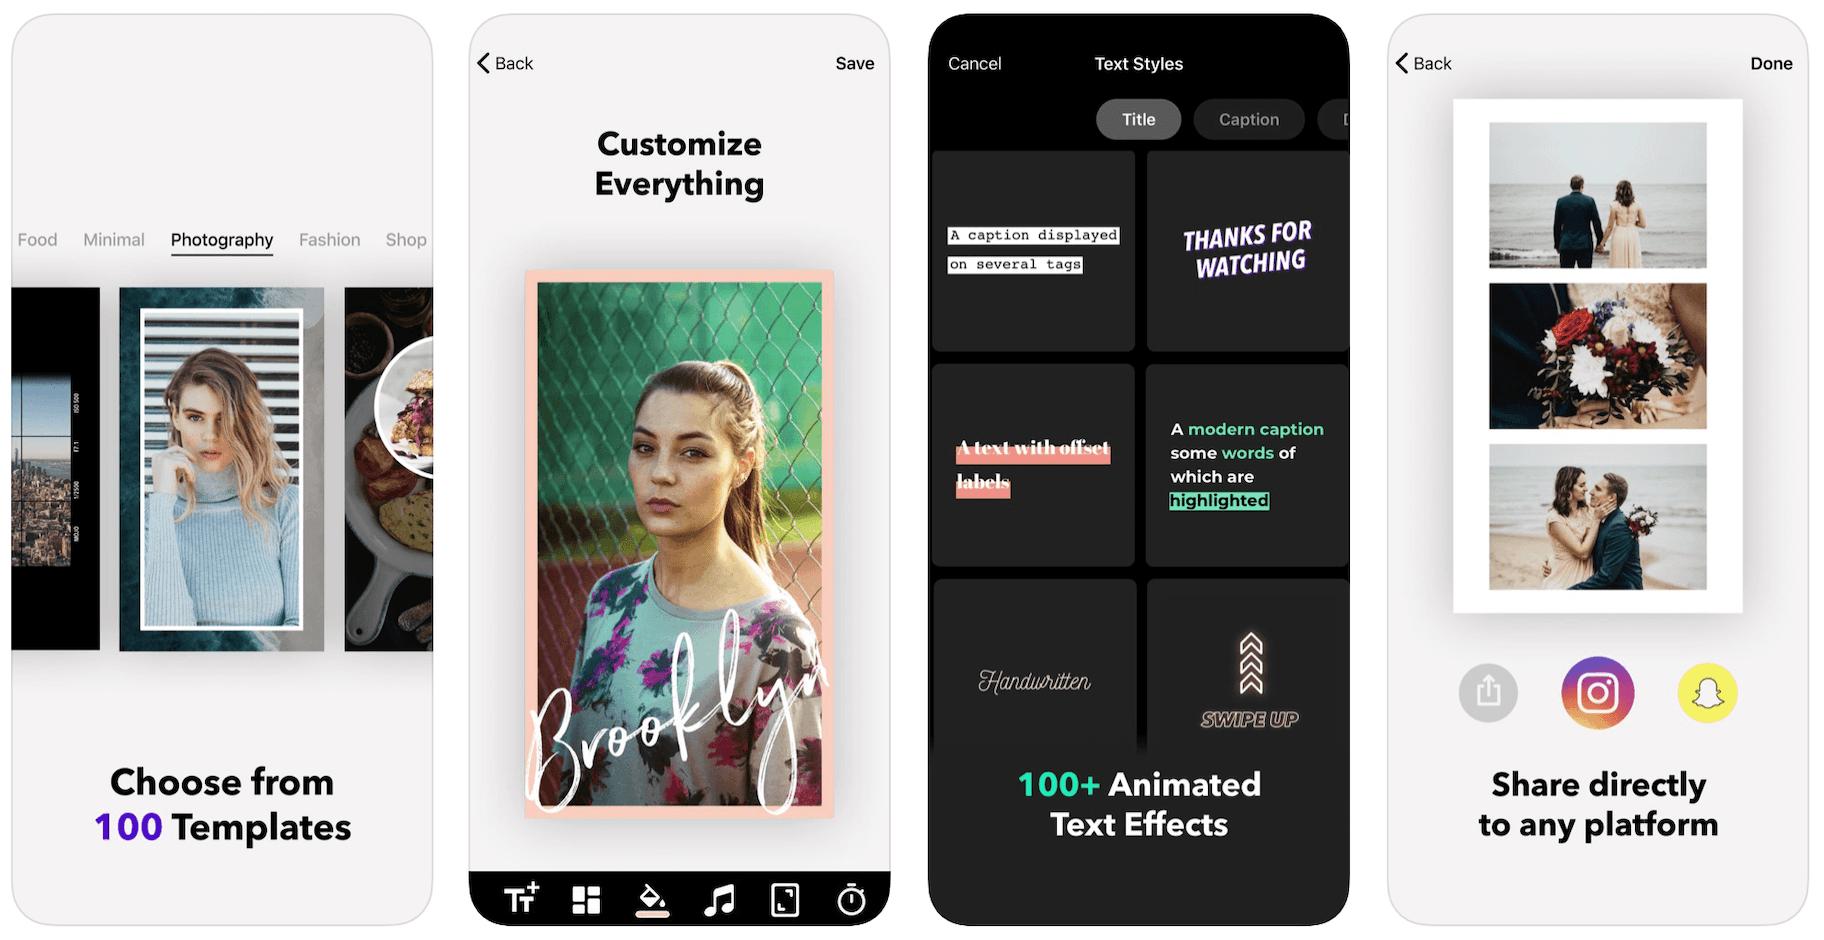 Mojo - Video Editor App for Social Media